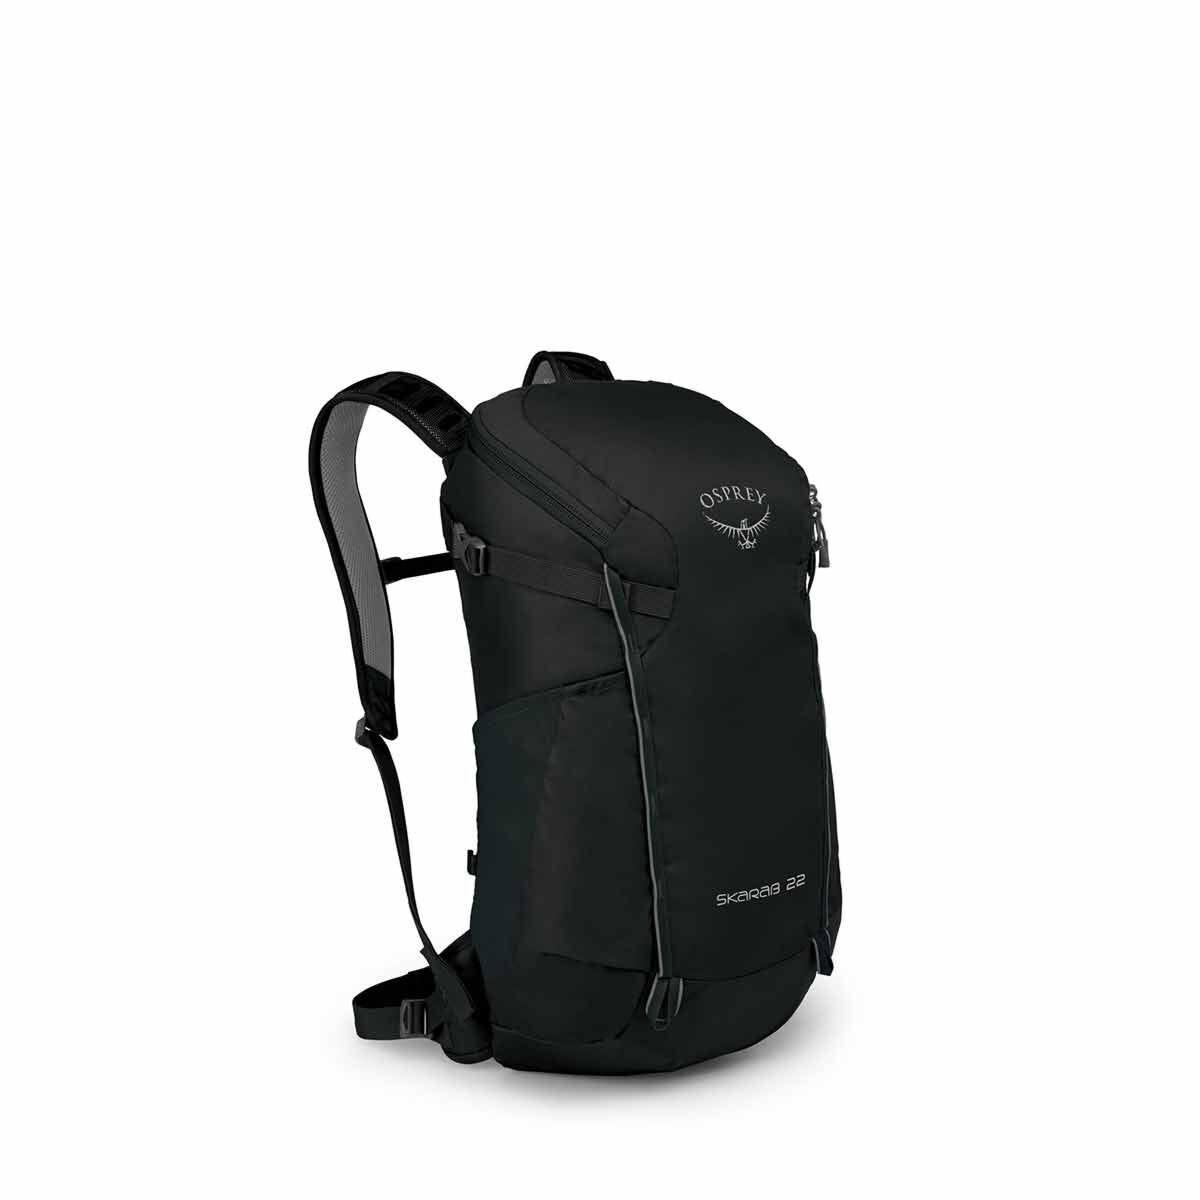 Osprey Skarab 22 Litre Backpack Black